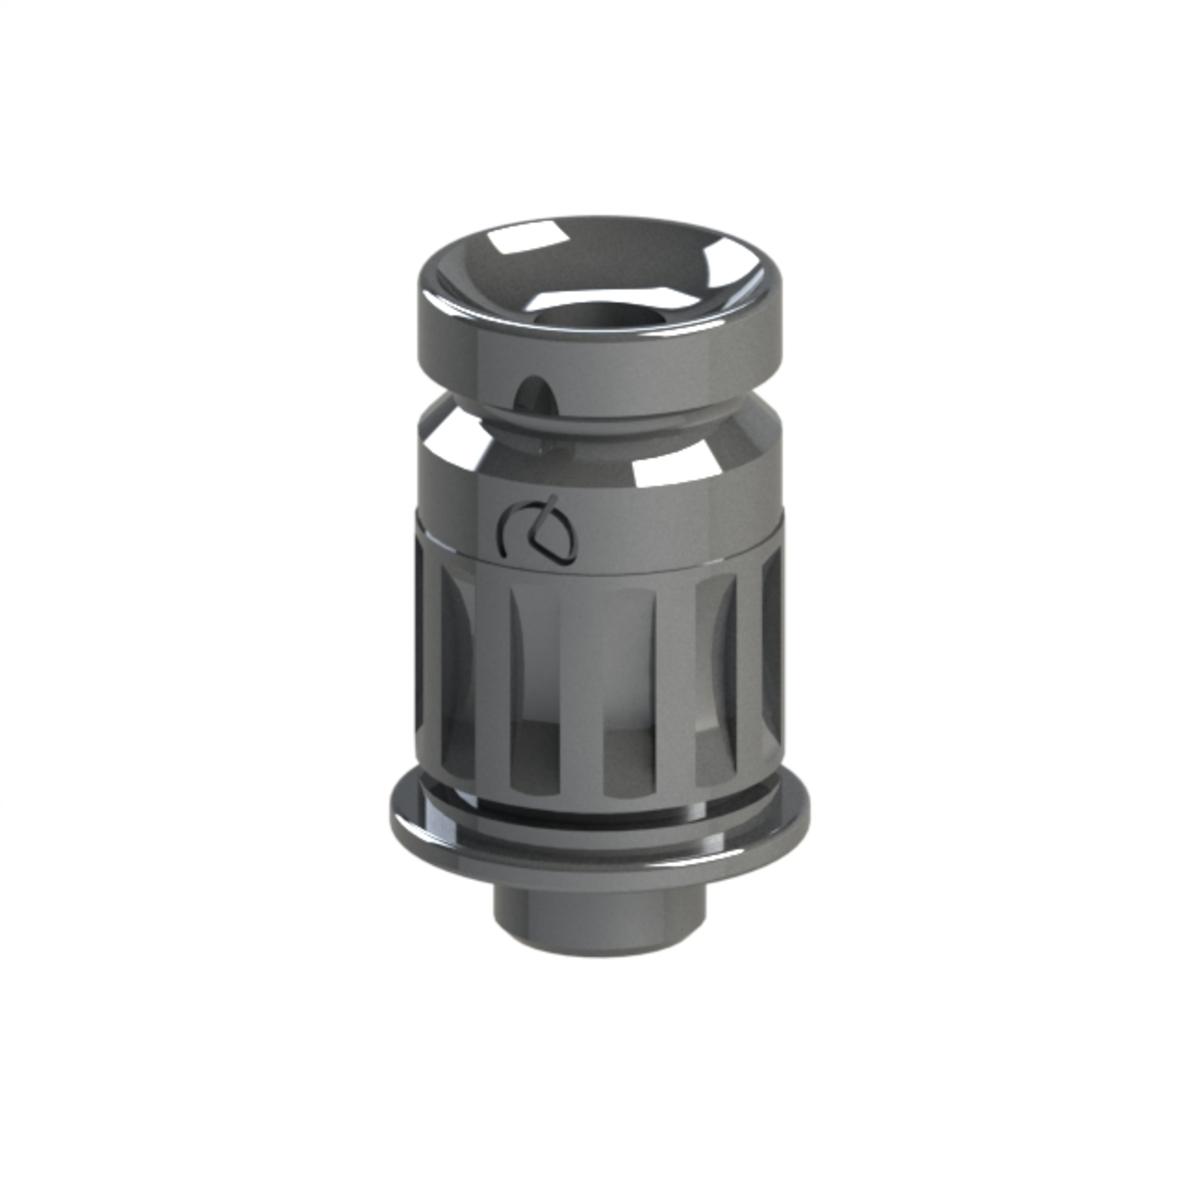 Dynamometric torque wrench adaptor comp. Straumann